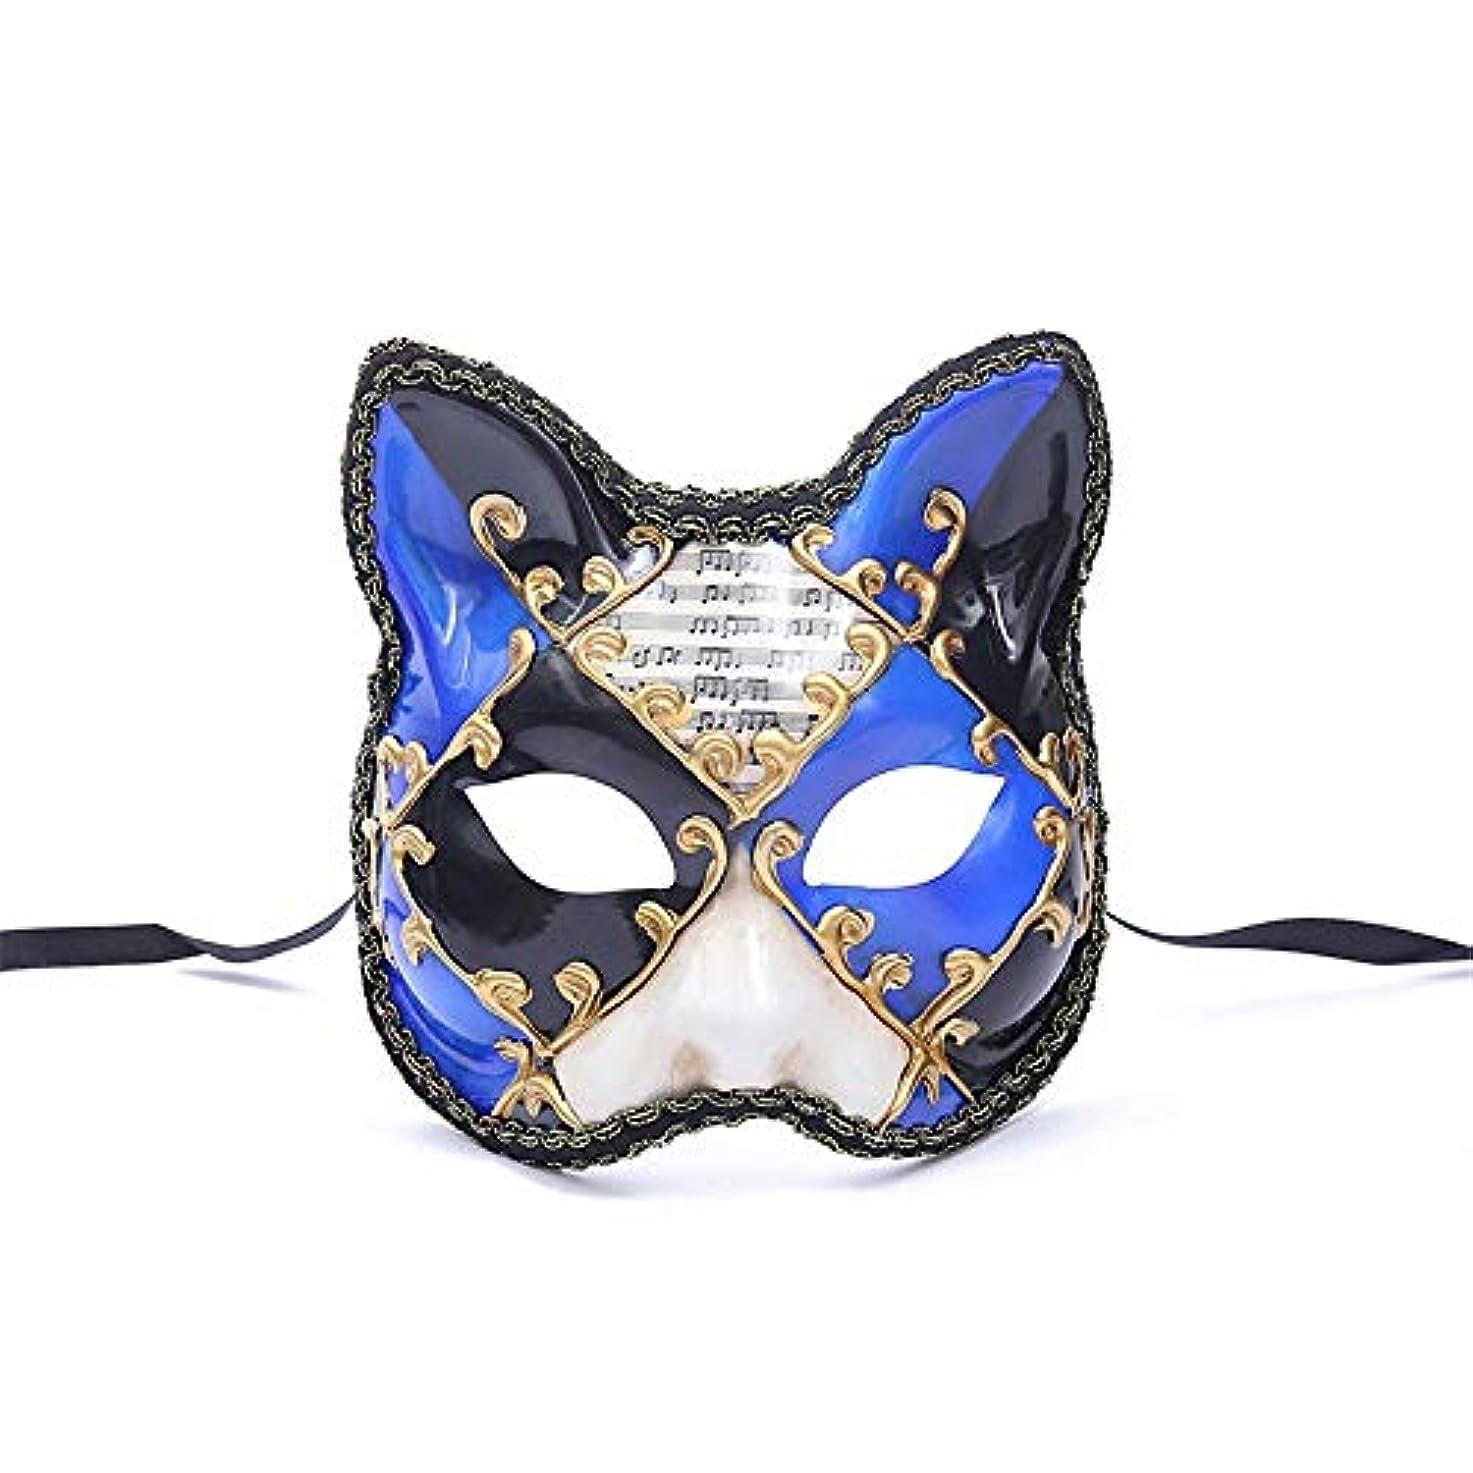 食堂事置換ダンスマスク 大きな猫アンティーク動物レトロコスプレハロウィーン仮装マスクナイトクラブマスク雰囲気フェスティバルマスク ホリデーパーティー用品 (色 : 青, サイズ : 17.5x16cm)